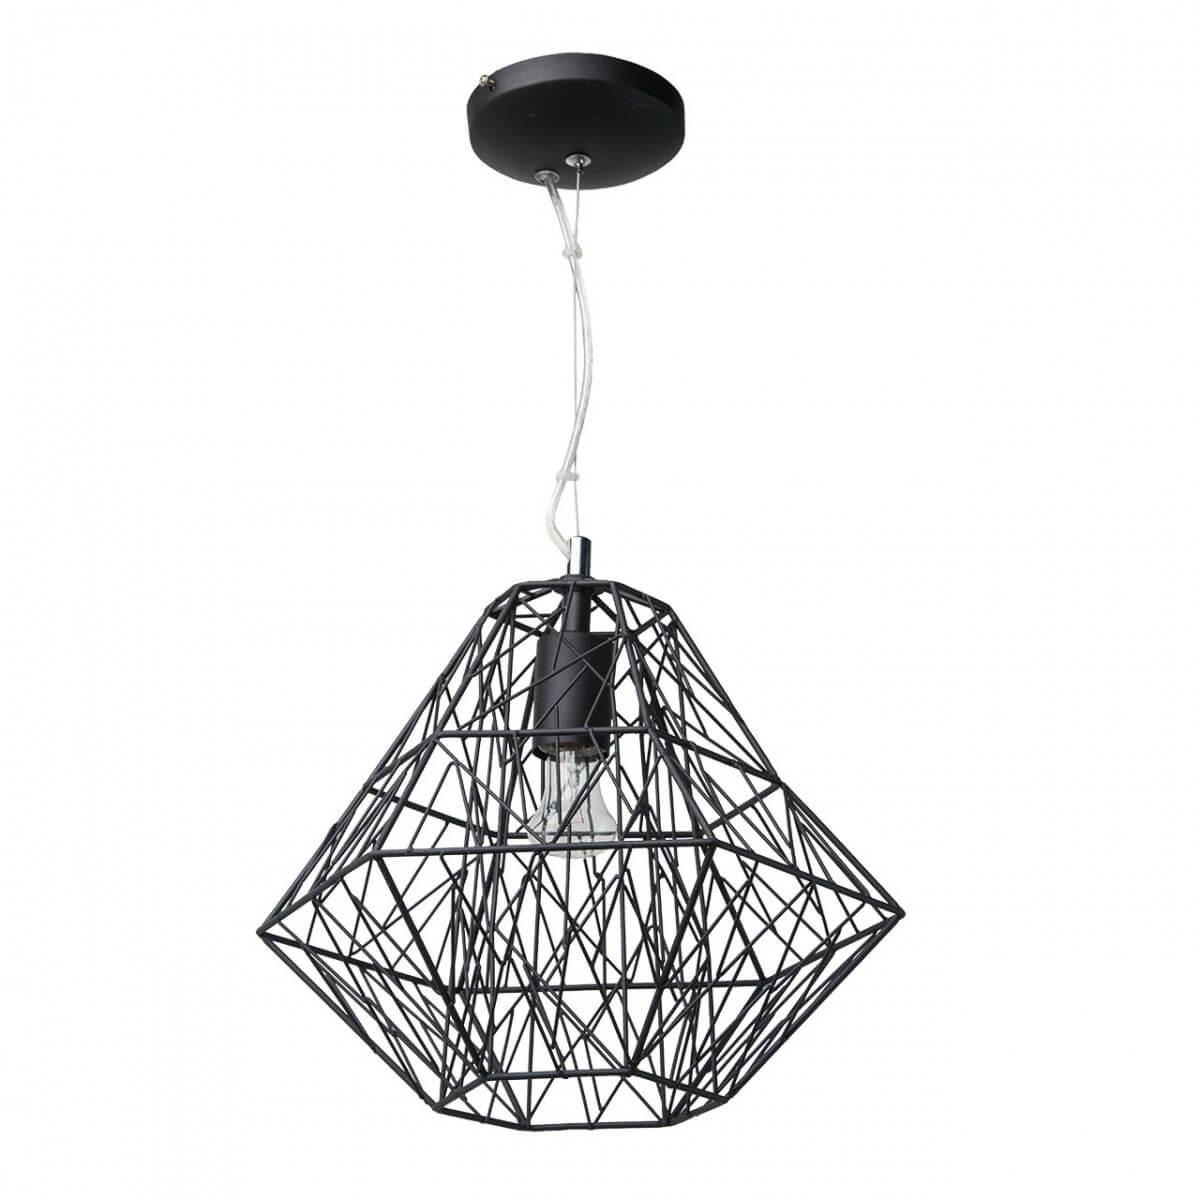 deckenleuchte 36 cm aus metall in schwarz m bel24. Black Bedroom Furniture Sets. Home Design Ideas